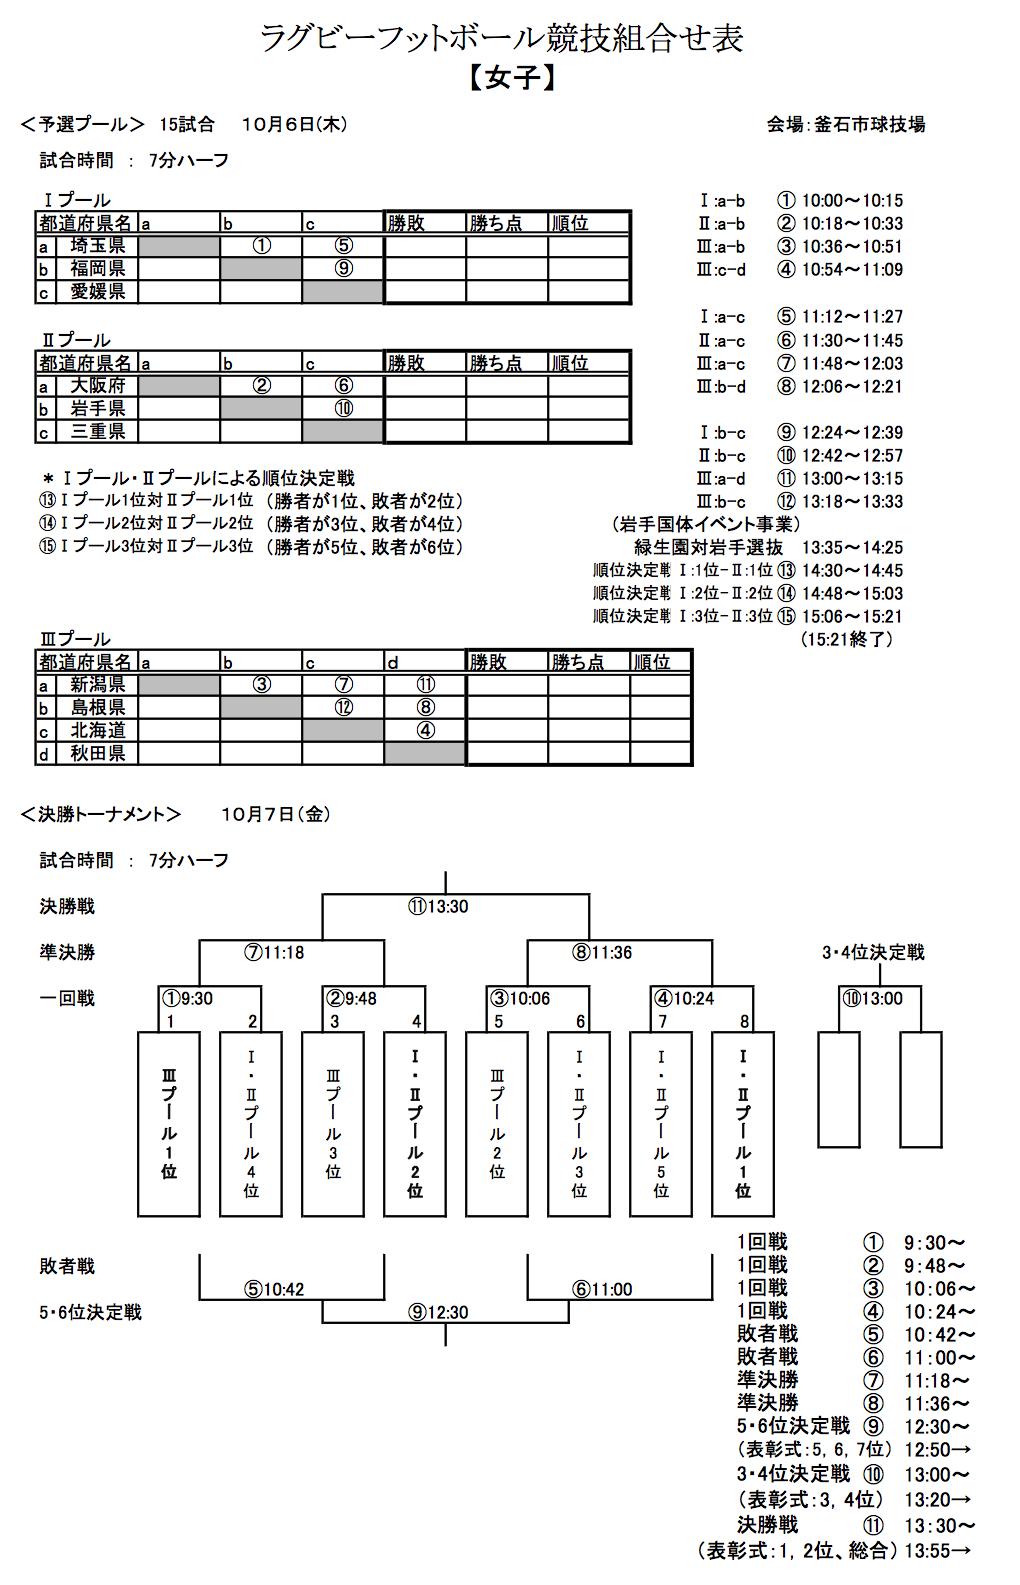 kokutai_joshi